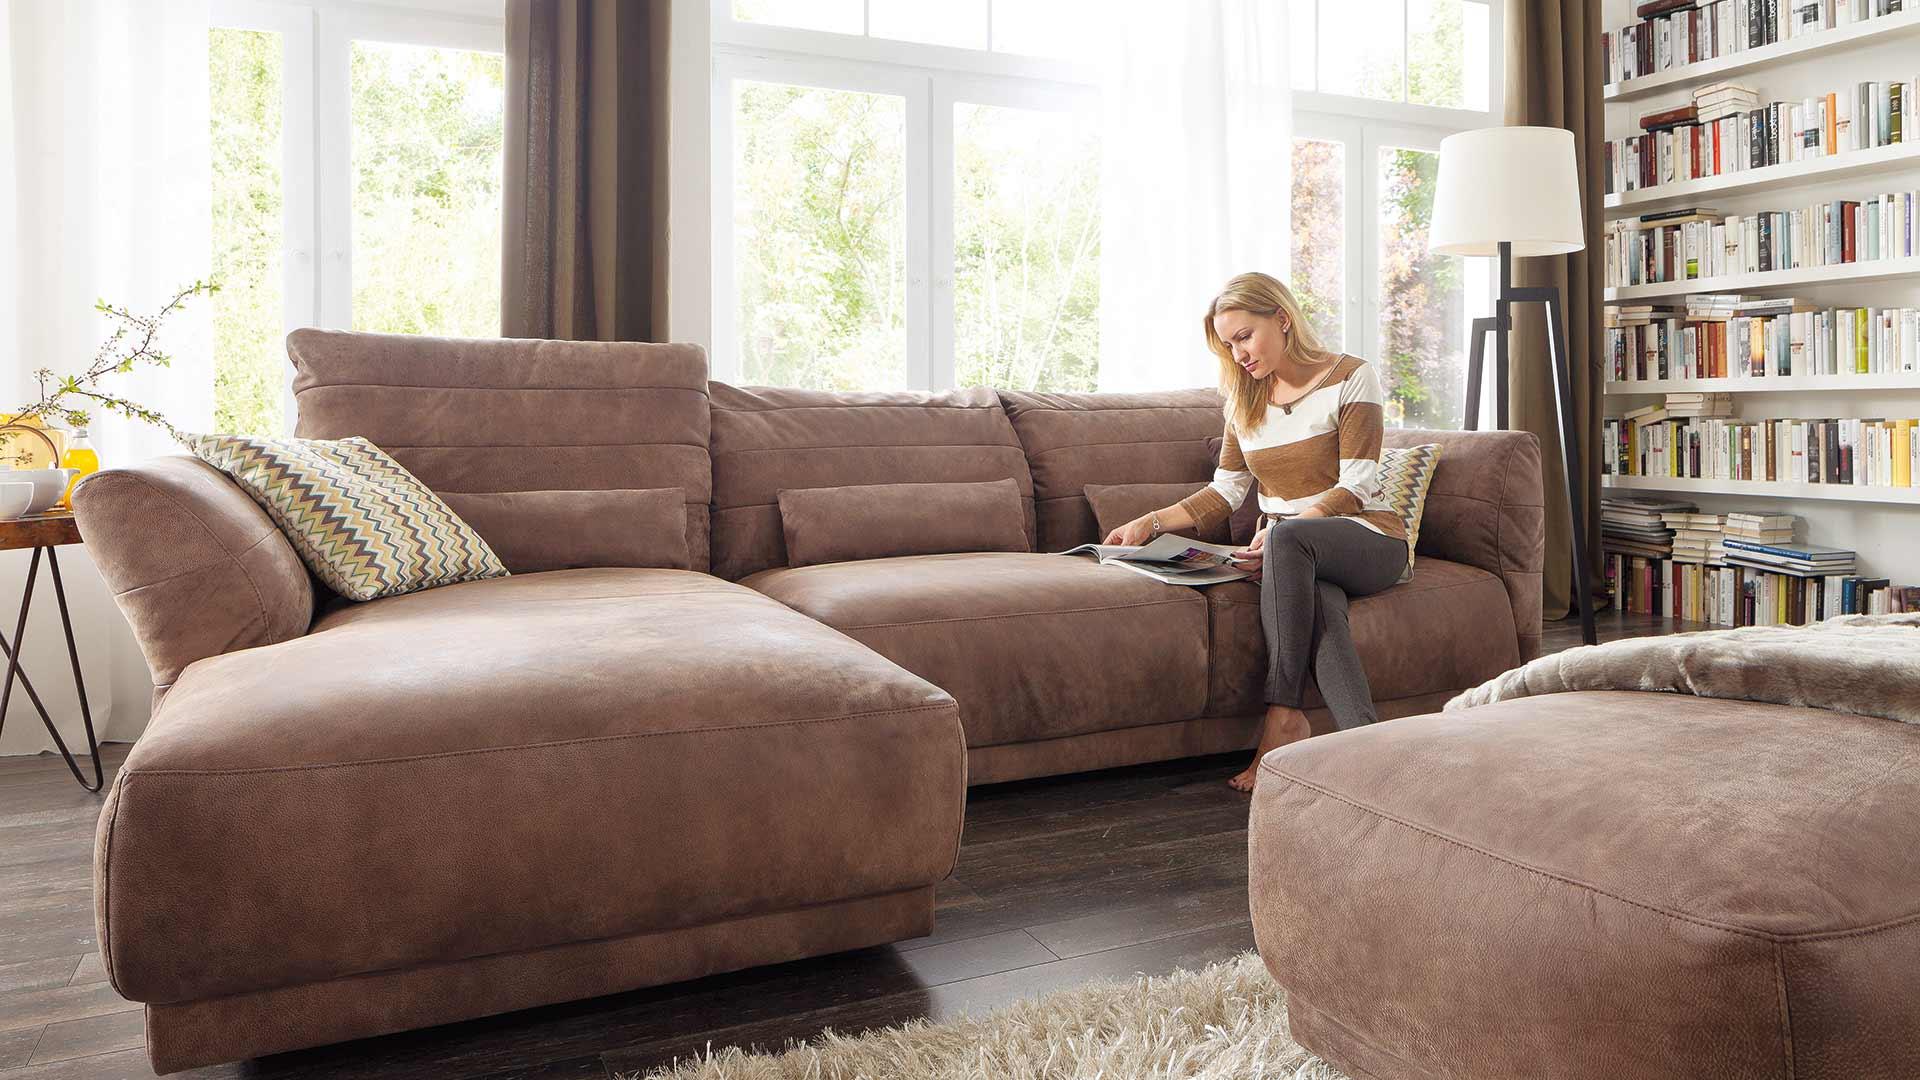 Full Size of Natura Sofa Gebraucht Couch Newport Home Denver Brooklyn Kansas Love 7050 Von Einrichten In Ratzeburg Nahe Lbeck Spannbezug Hannover Leder 2 Sitzer Mit Sofa Natura Sofa